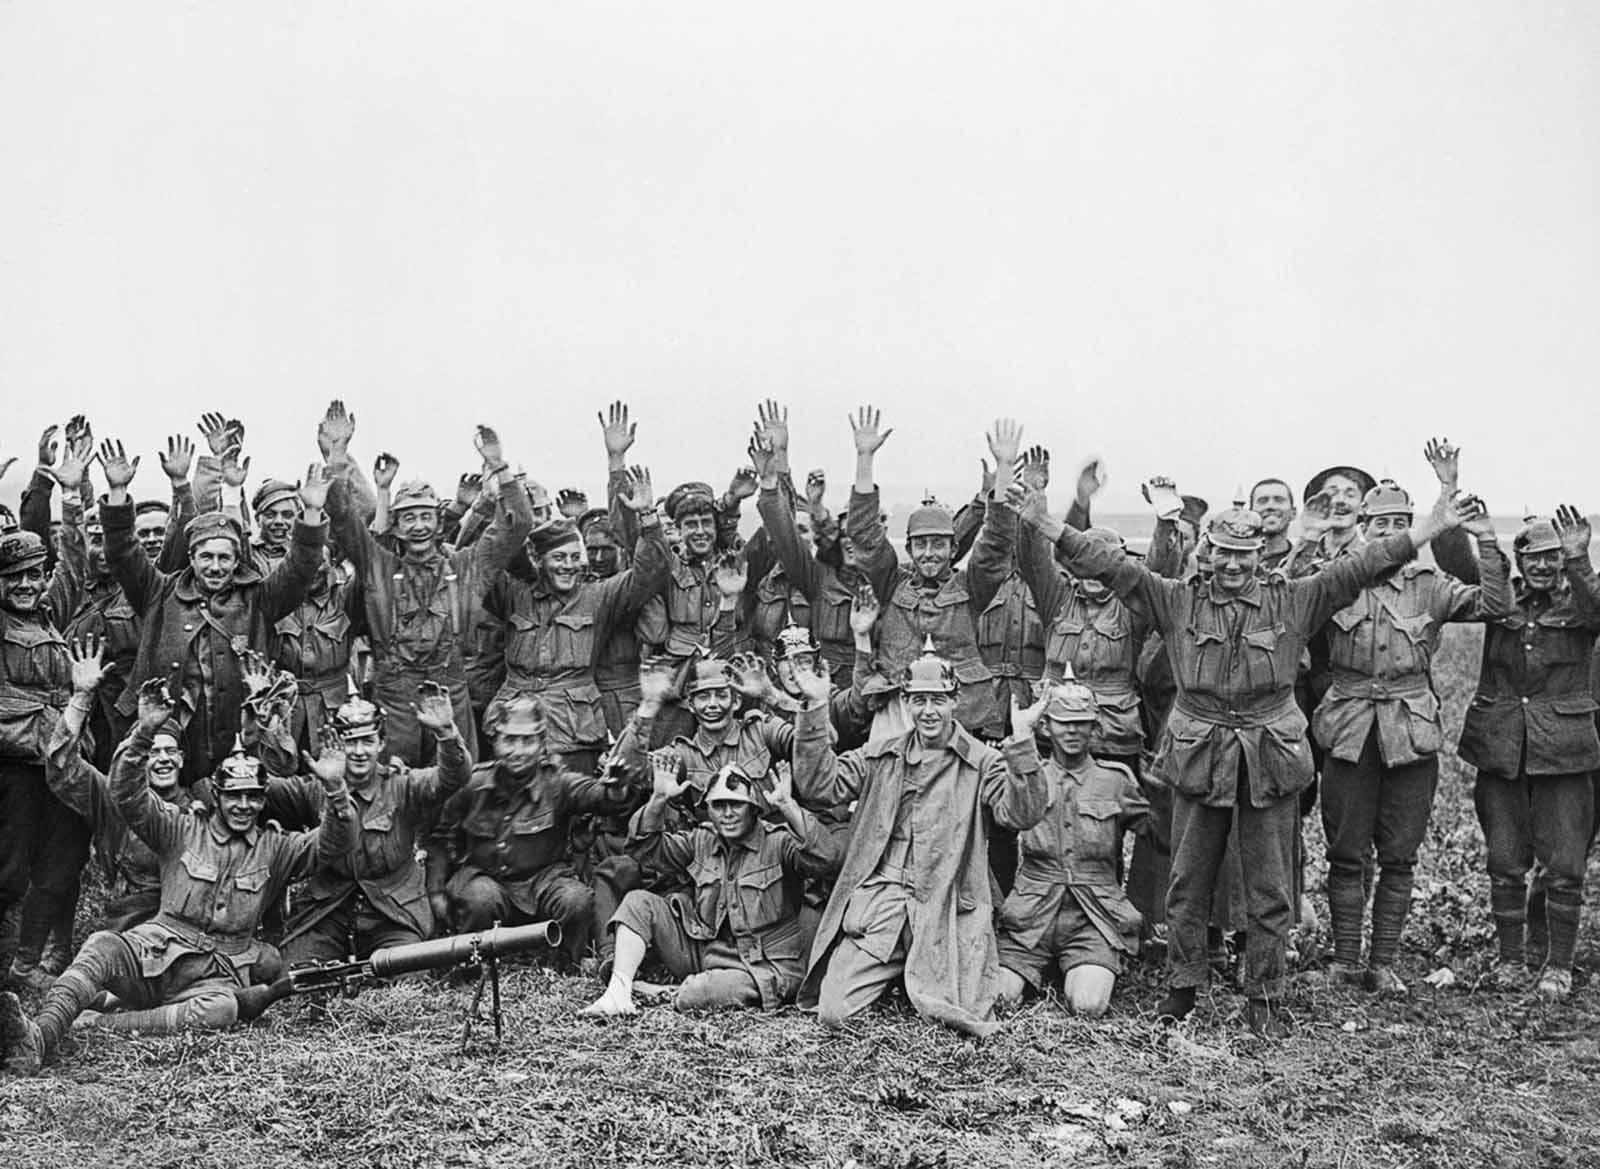 Los hombres de la 1ra División Anzac, algunos con cascos alemanes, posan para la cámara después de pelear cerca de Pozieres Ridge. 23 de julio de 1916.